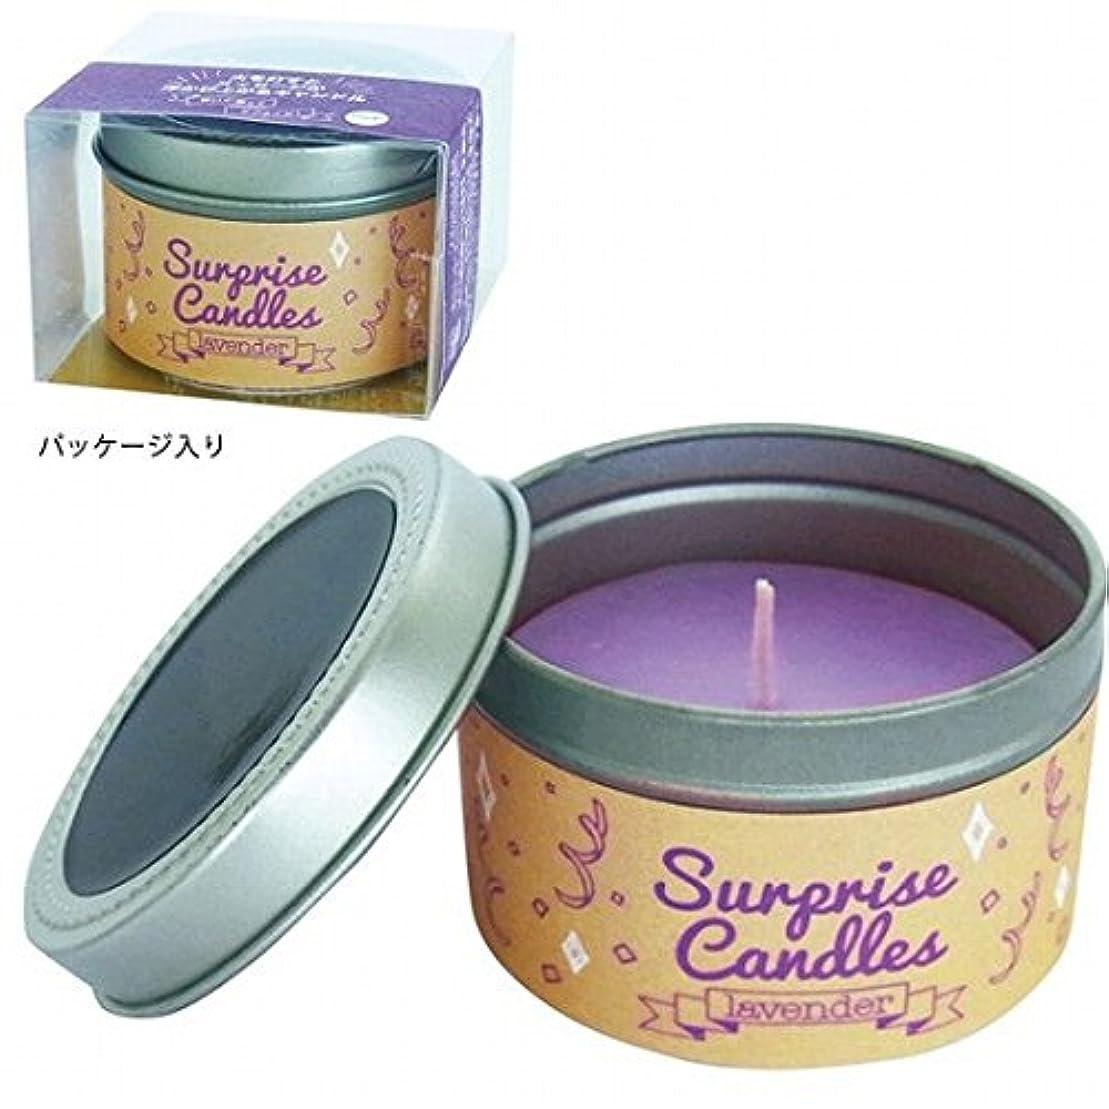 叫び声連想政令カメヤマキャンドル(kameyama candle) サプライズキャンドル 「ラベンダー」